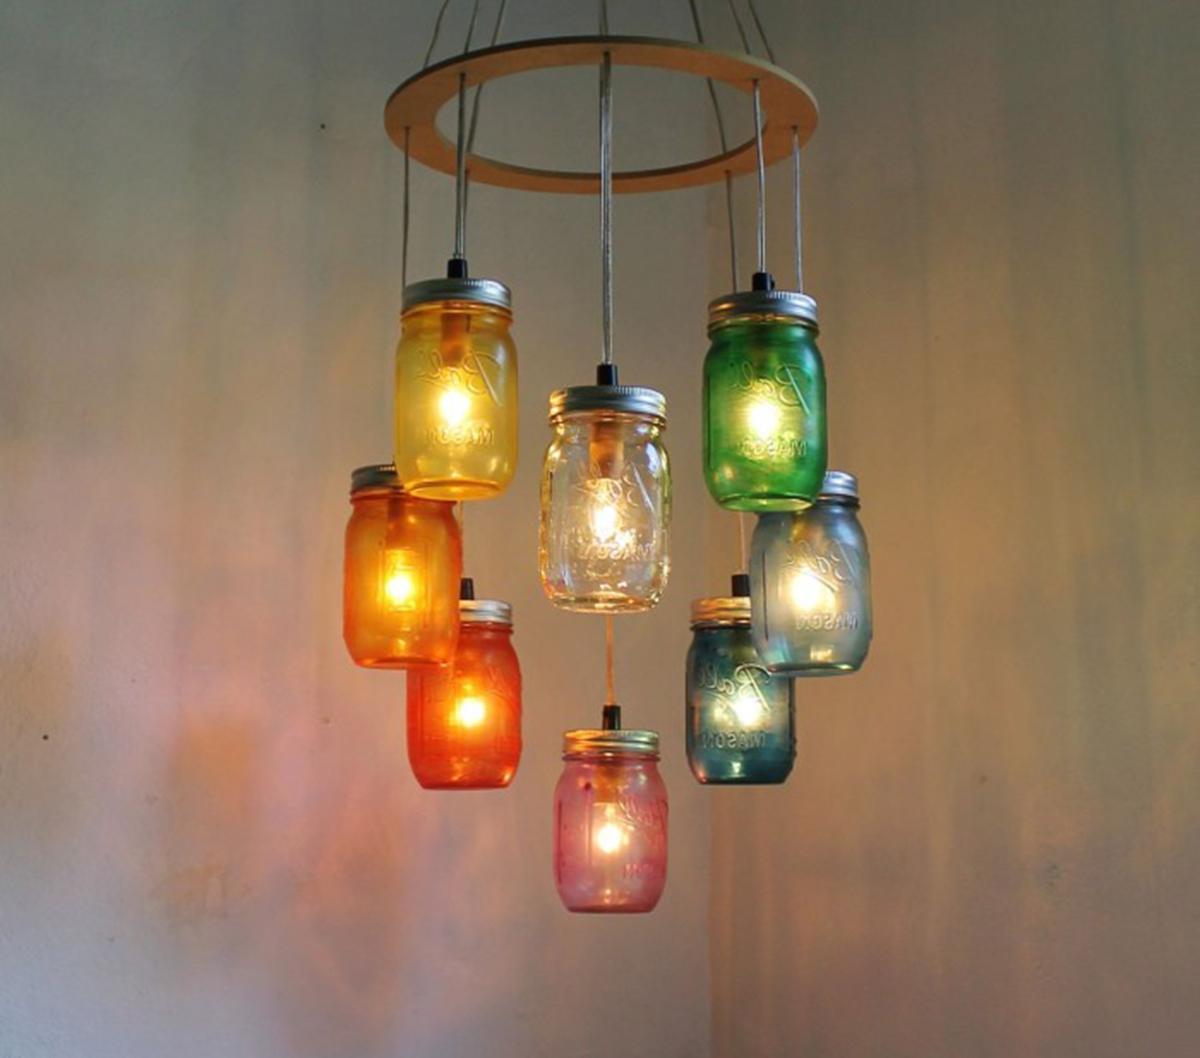 8 l mparas originales handmade f ciles y muy chulas - Como decorar tulipas de lamparas ...